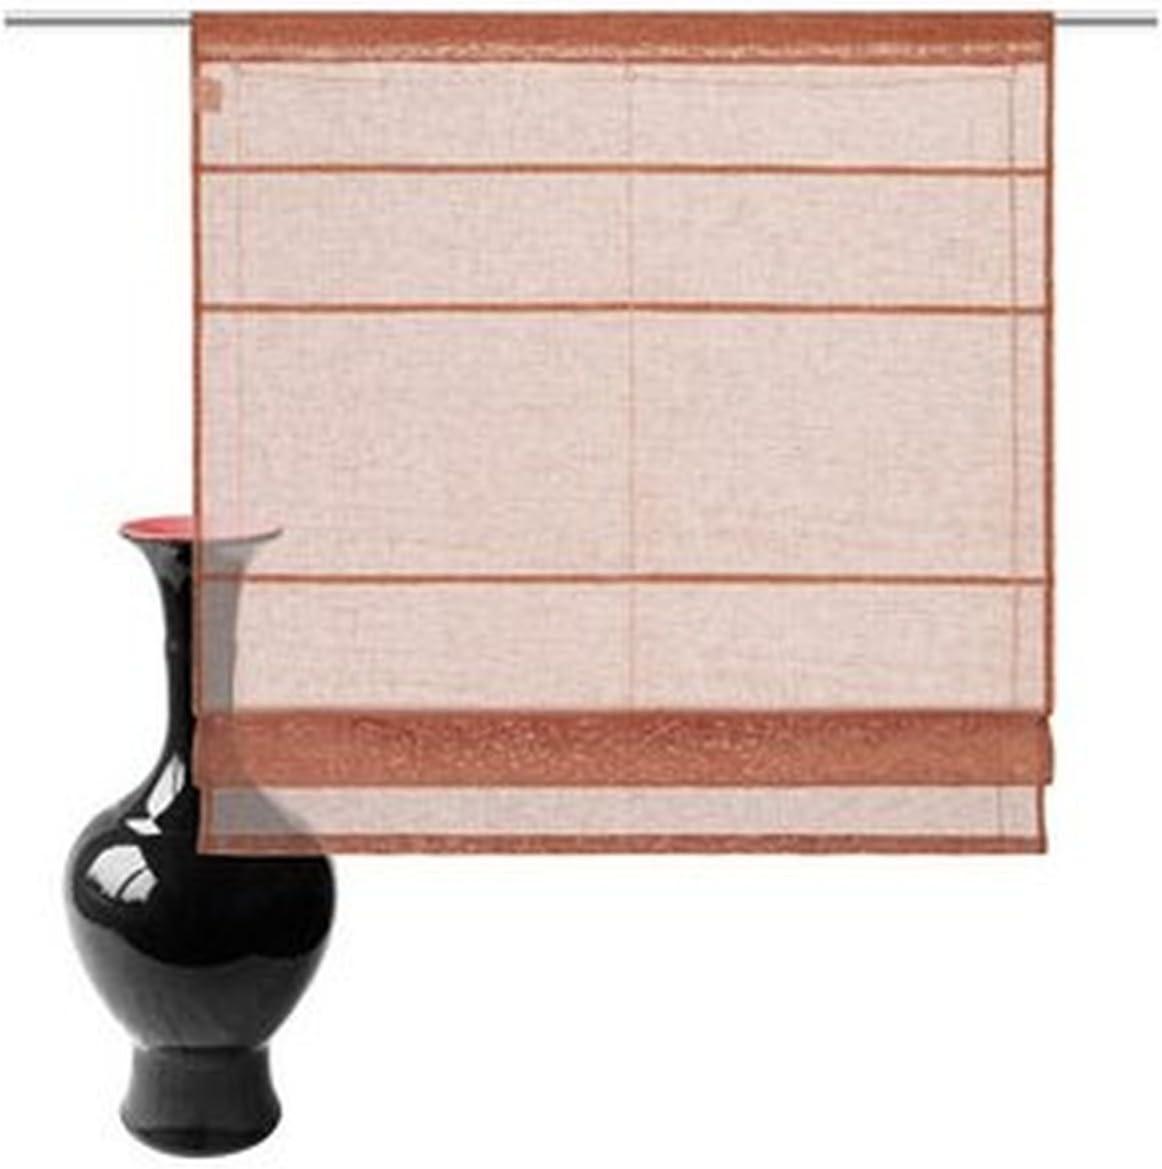 Raffrollo my home -191803-  mit Universalband und Klettb Farbe weiss 1 Stück